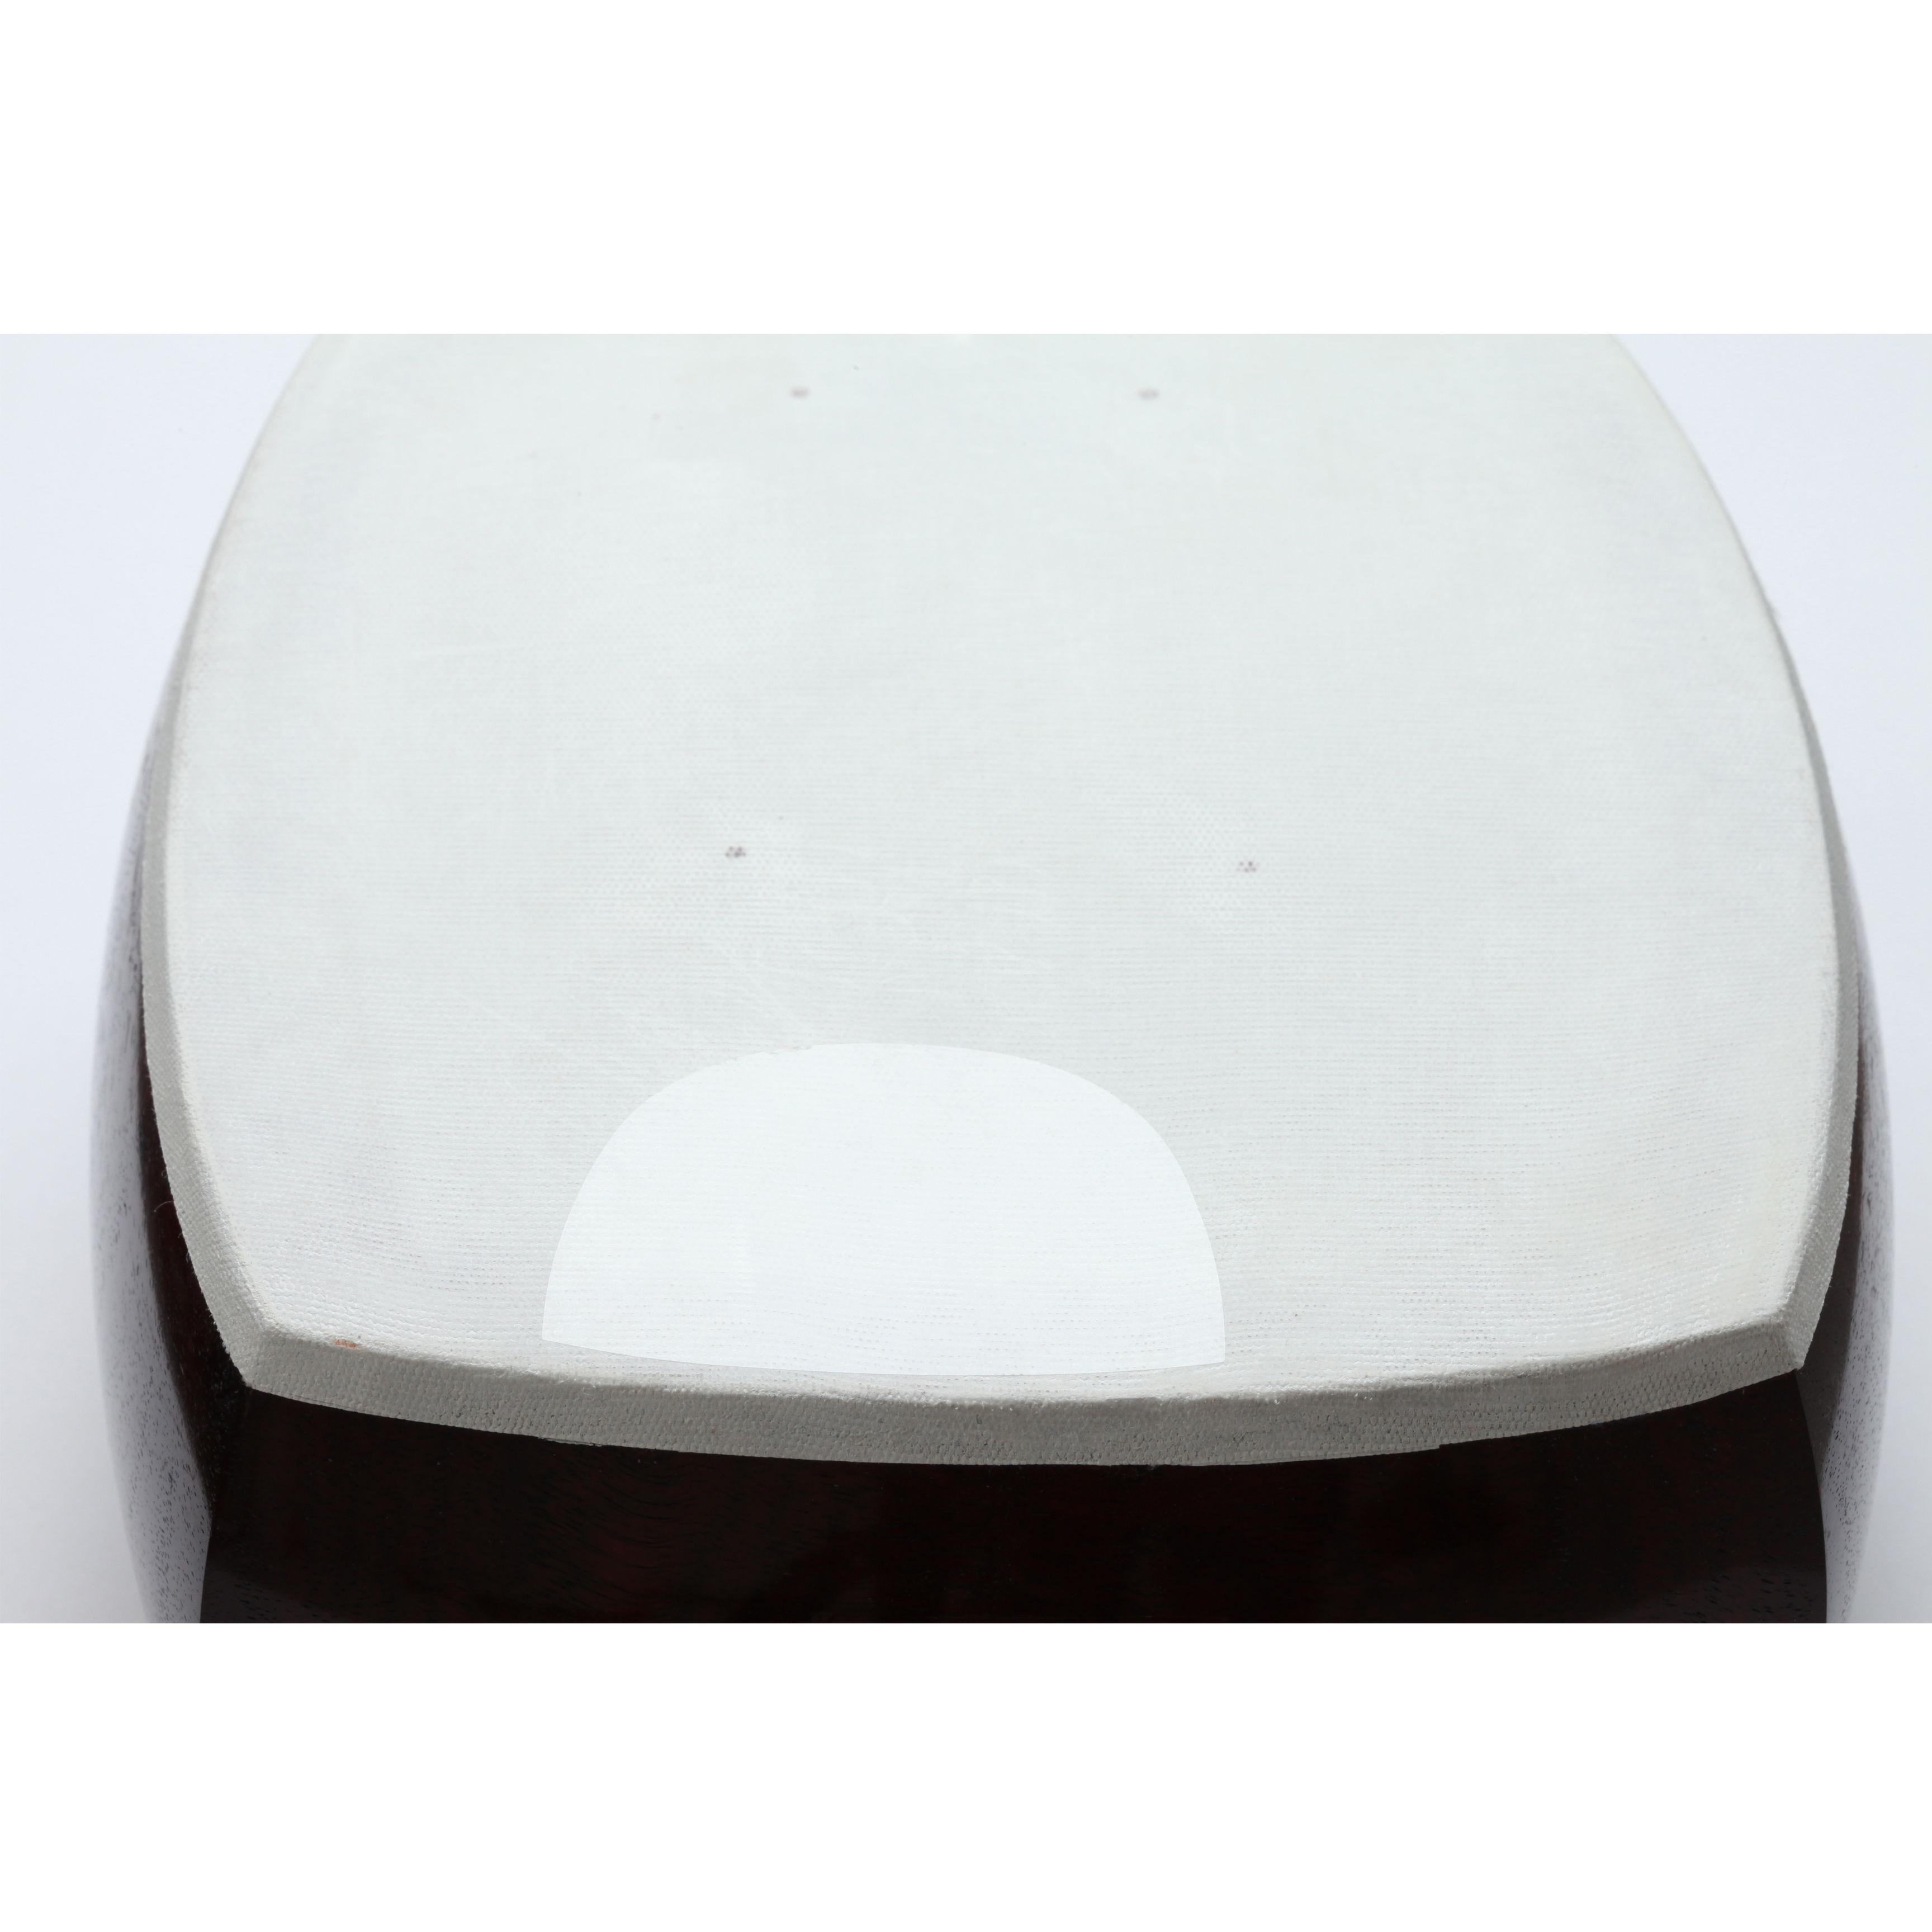 [29094]【地唄】ウラ 教材用三味線人工皮リプル張り替え